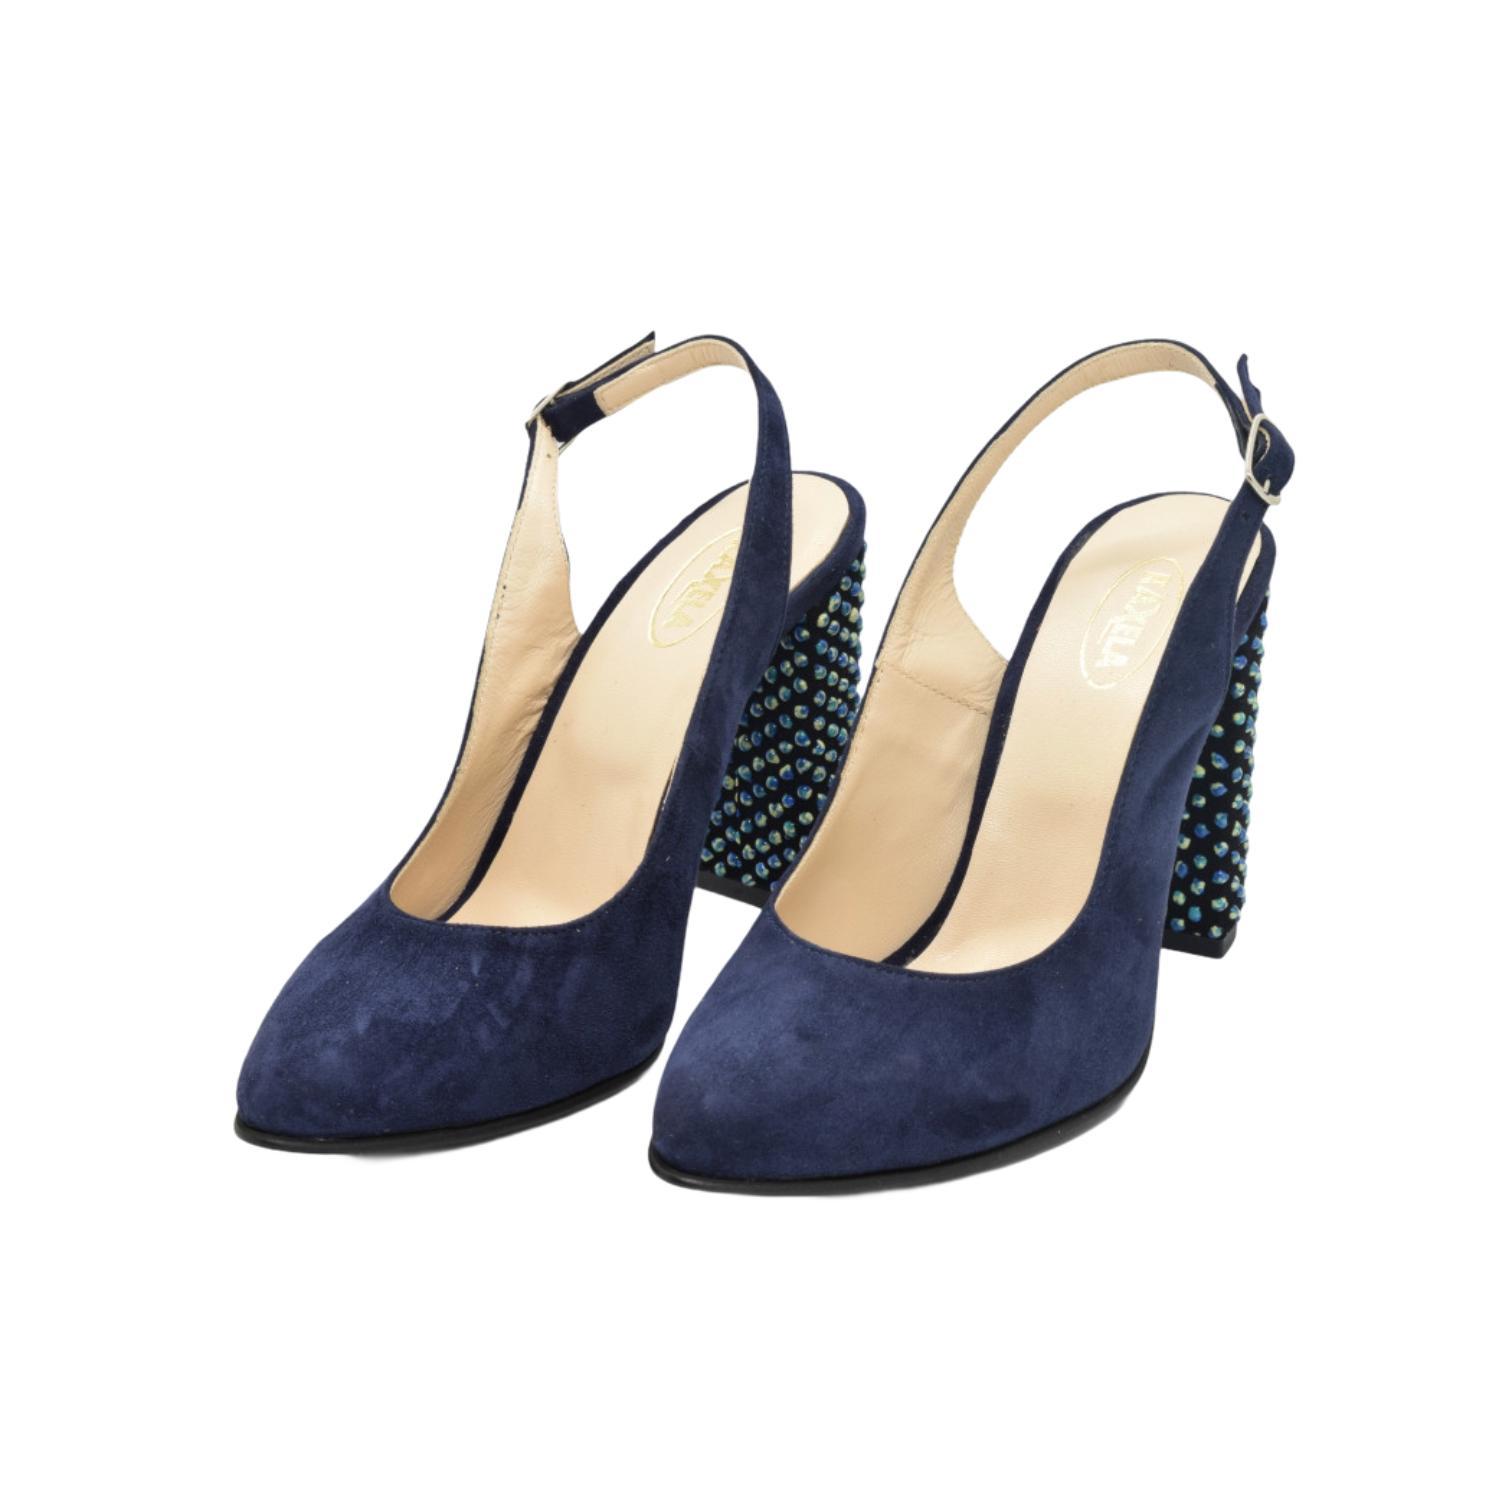 Pantofi decupati bleumarin cu toc cu aplicatii sferice